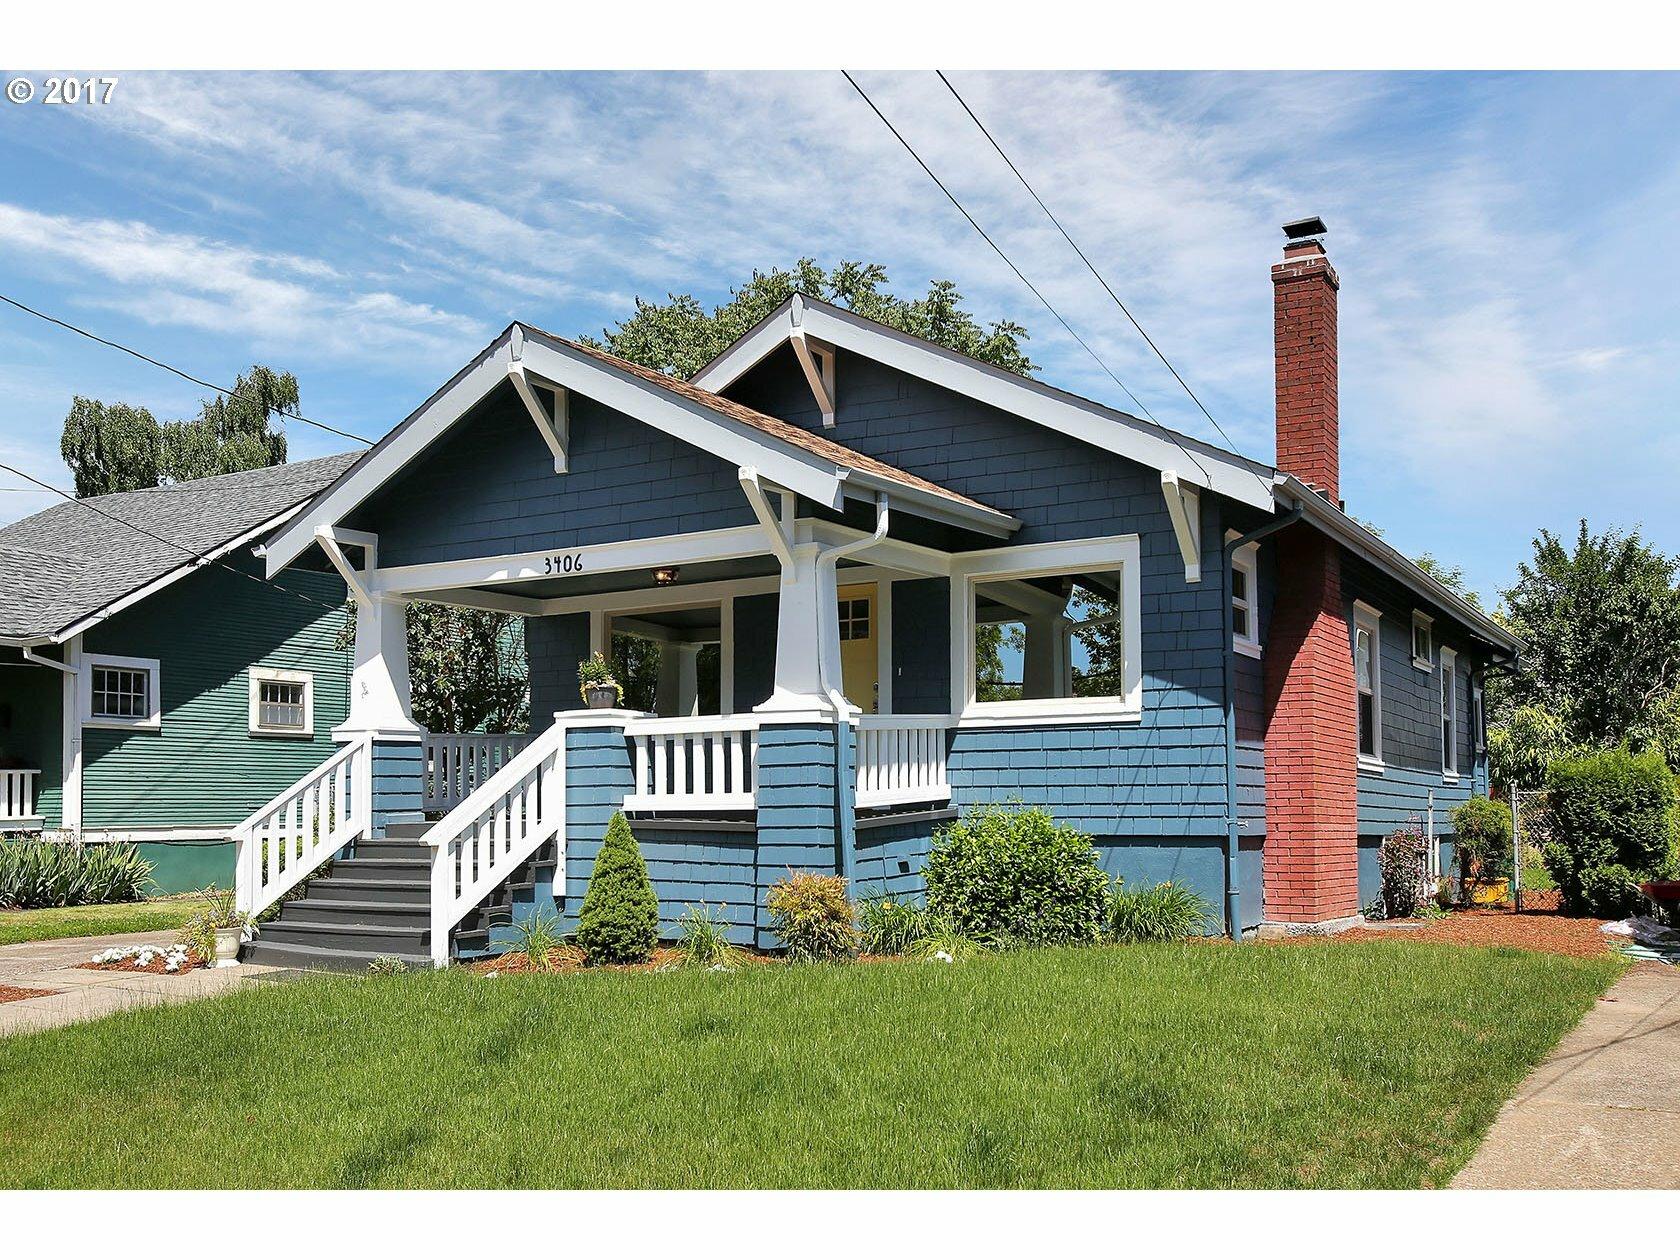 3406 Ne 67th Ave, Portland, OR - USA (photo 2)